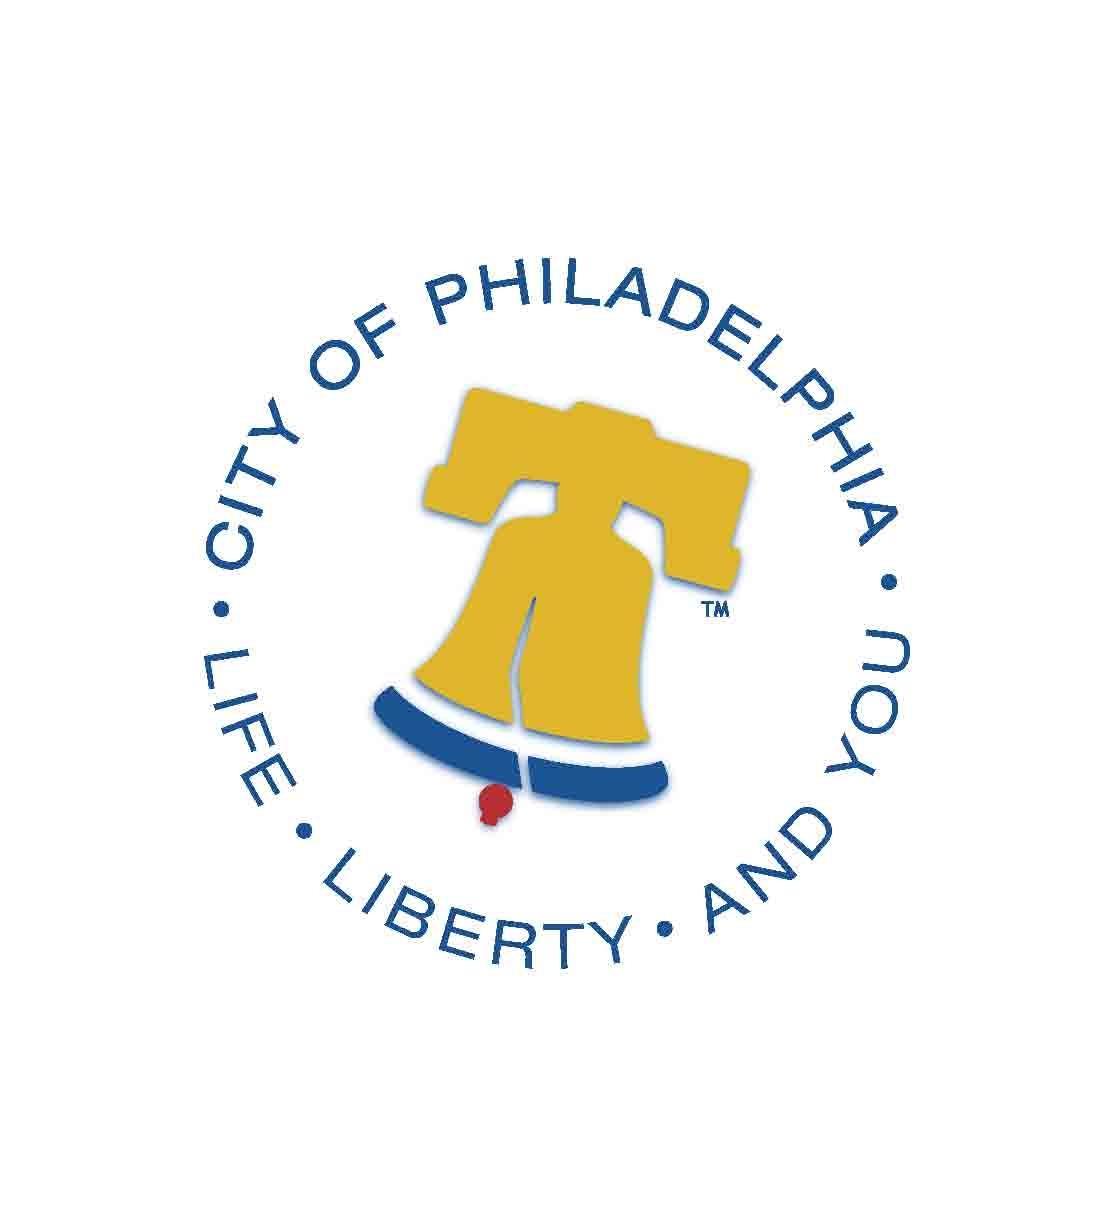 Philadelphia-city-logo-1.jpg